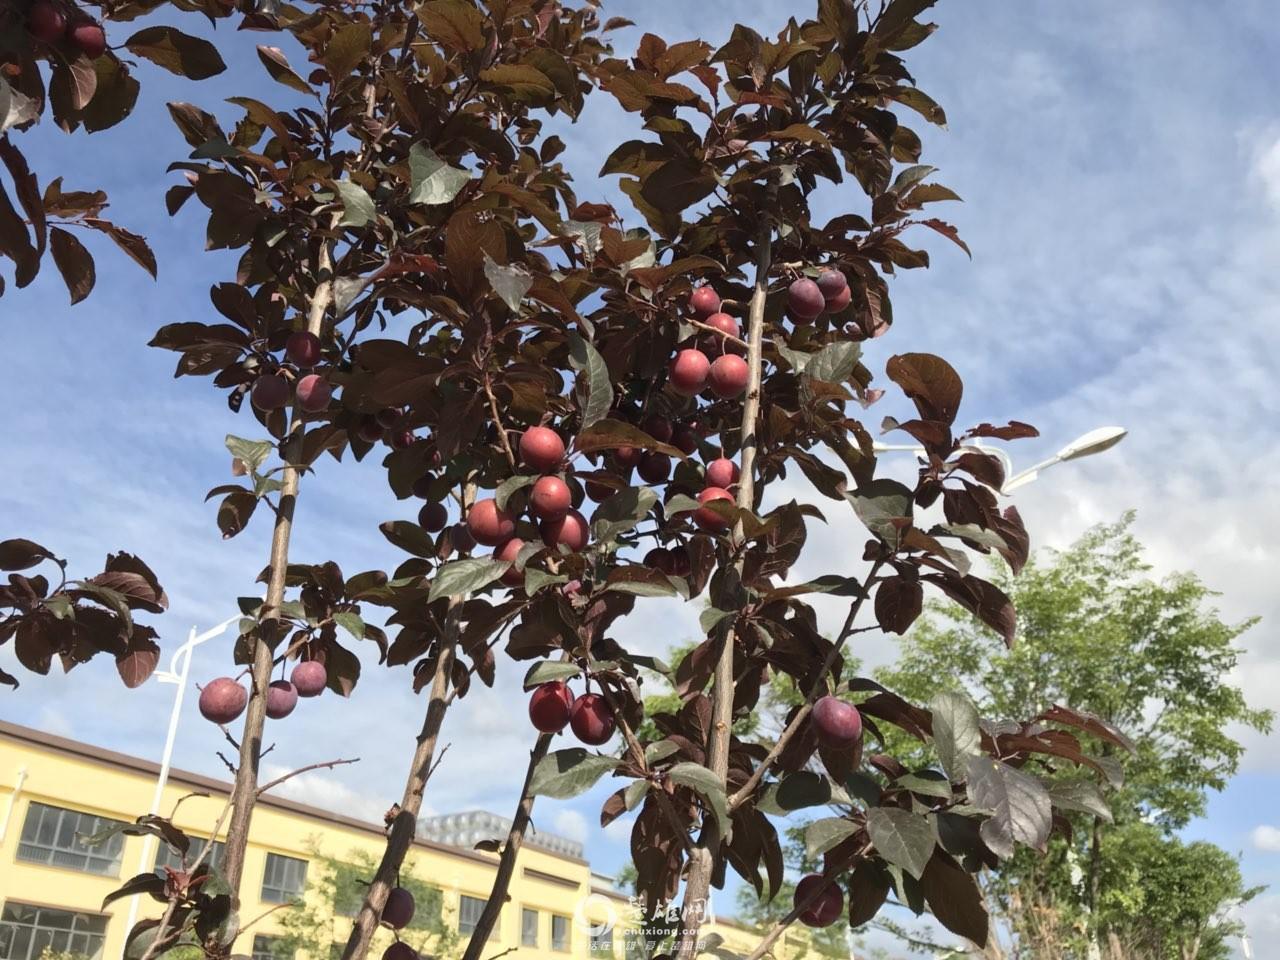 路边风景树结的果实是否能食用?